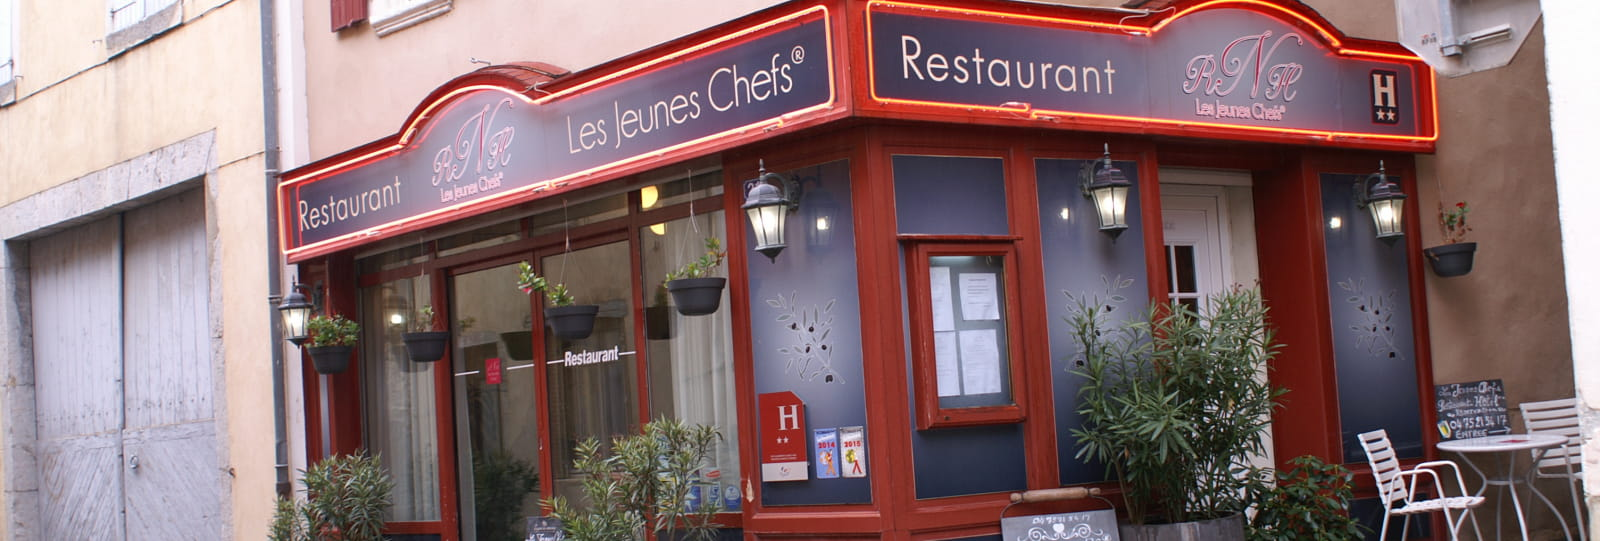 Hôtel-Restaurant Les Jeunes Chefs